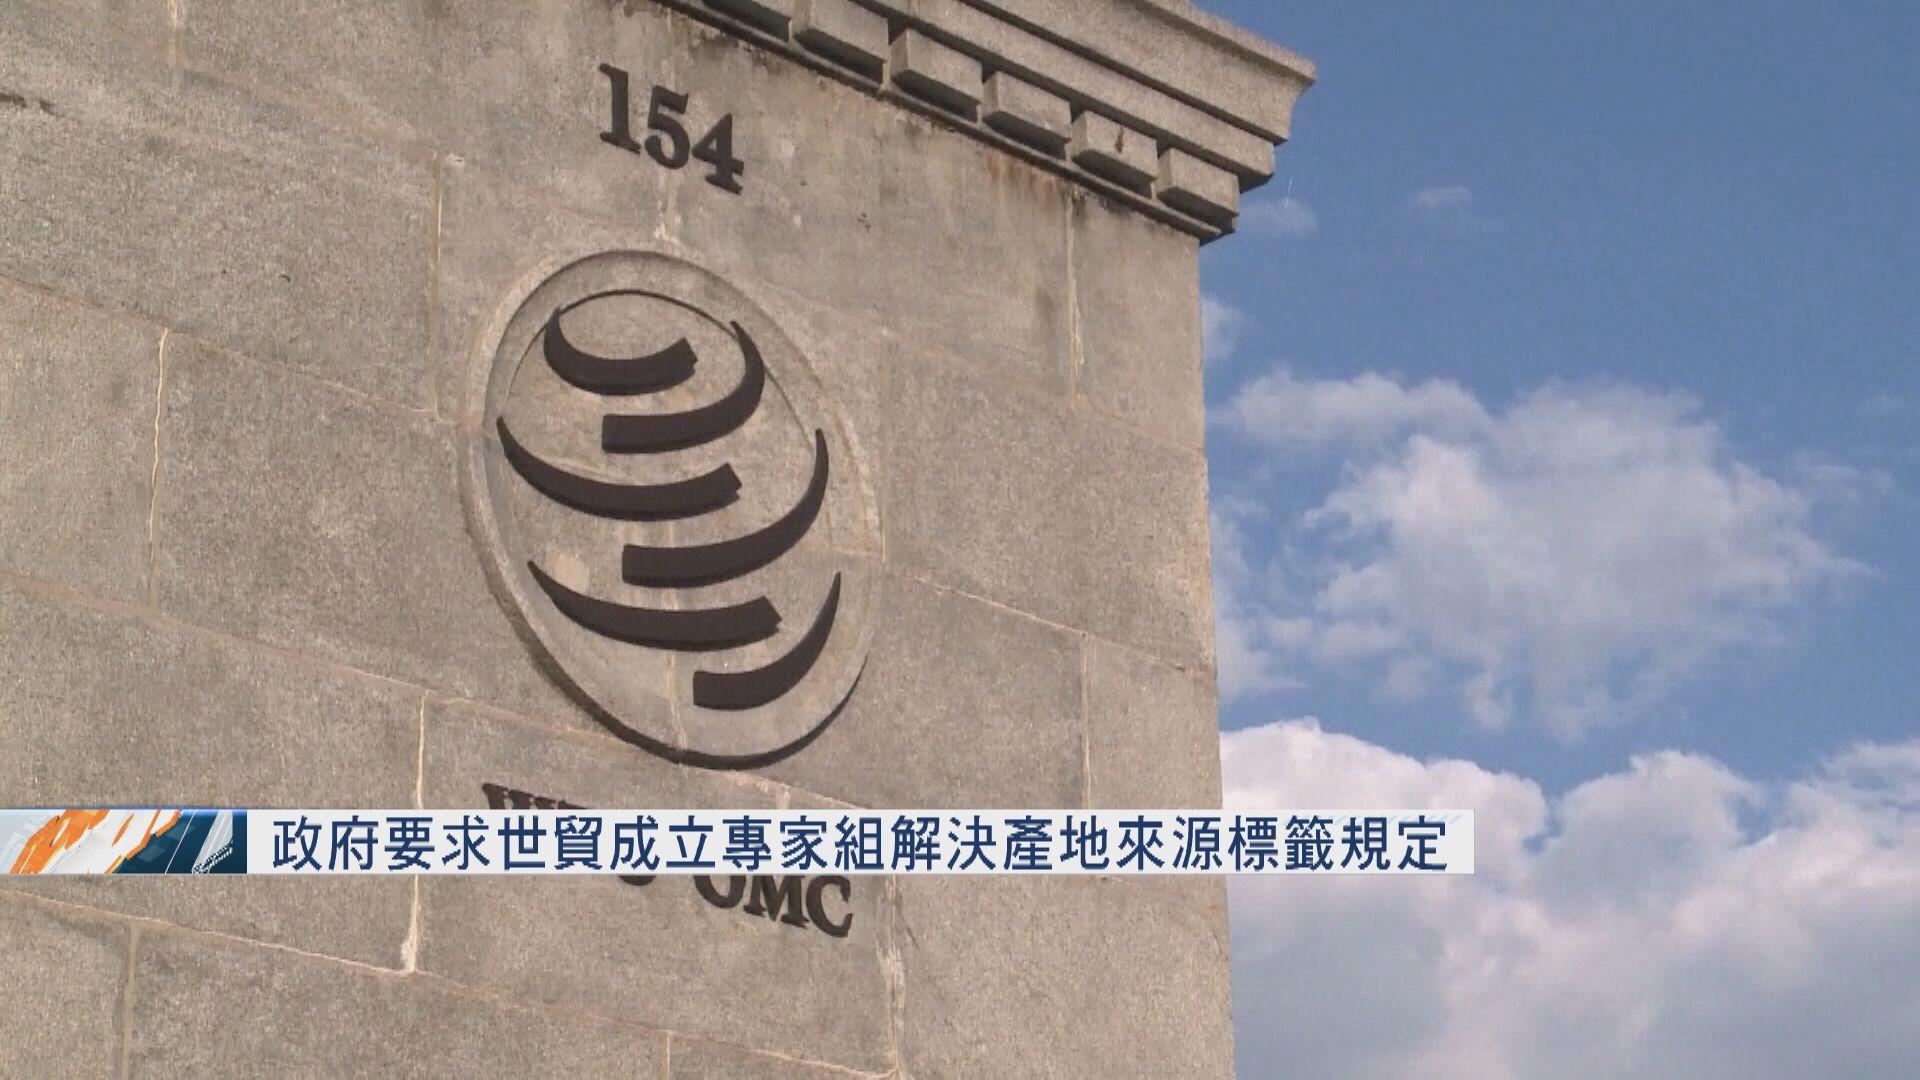 美禁「香港製造」標籤!港府促WTO設專家組審理